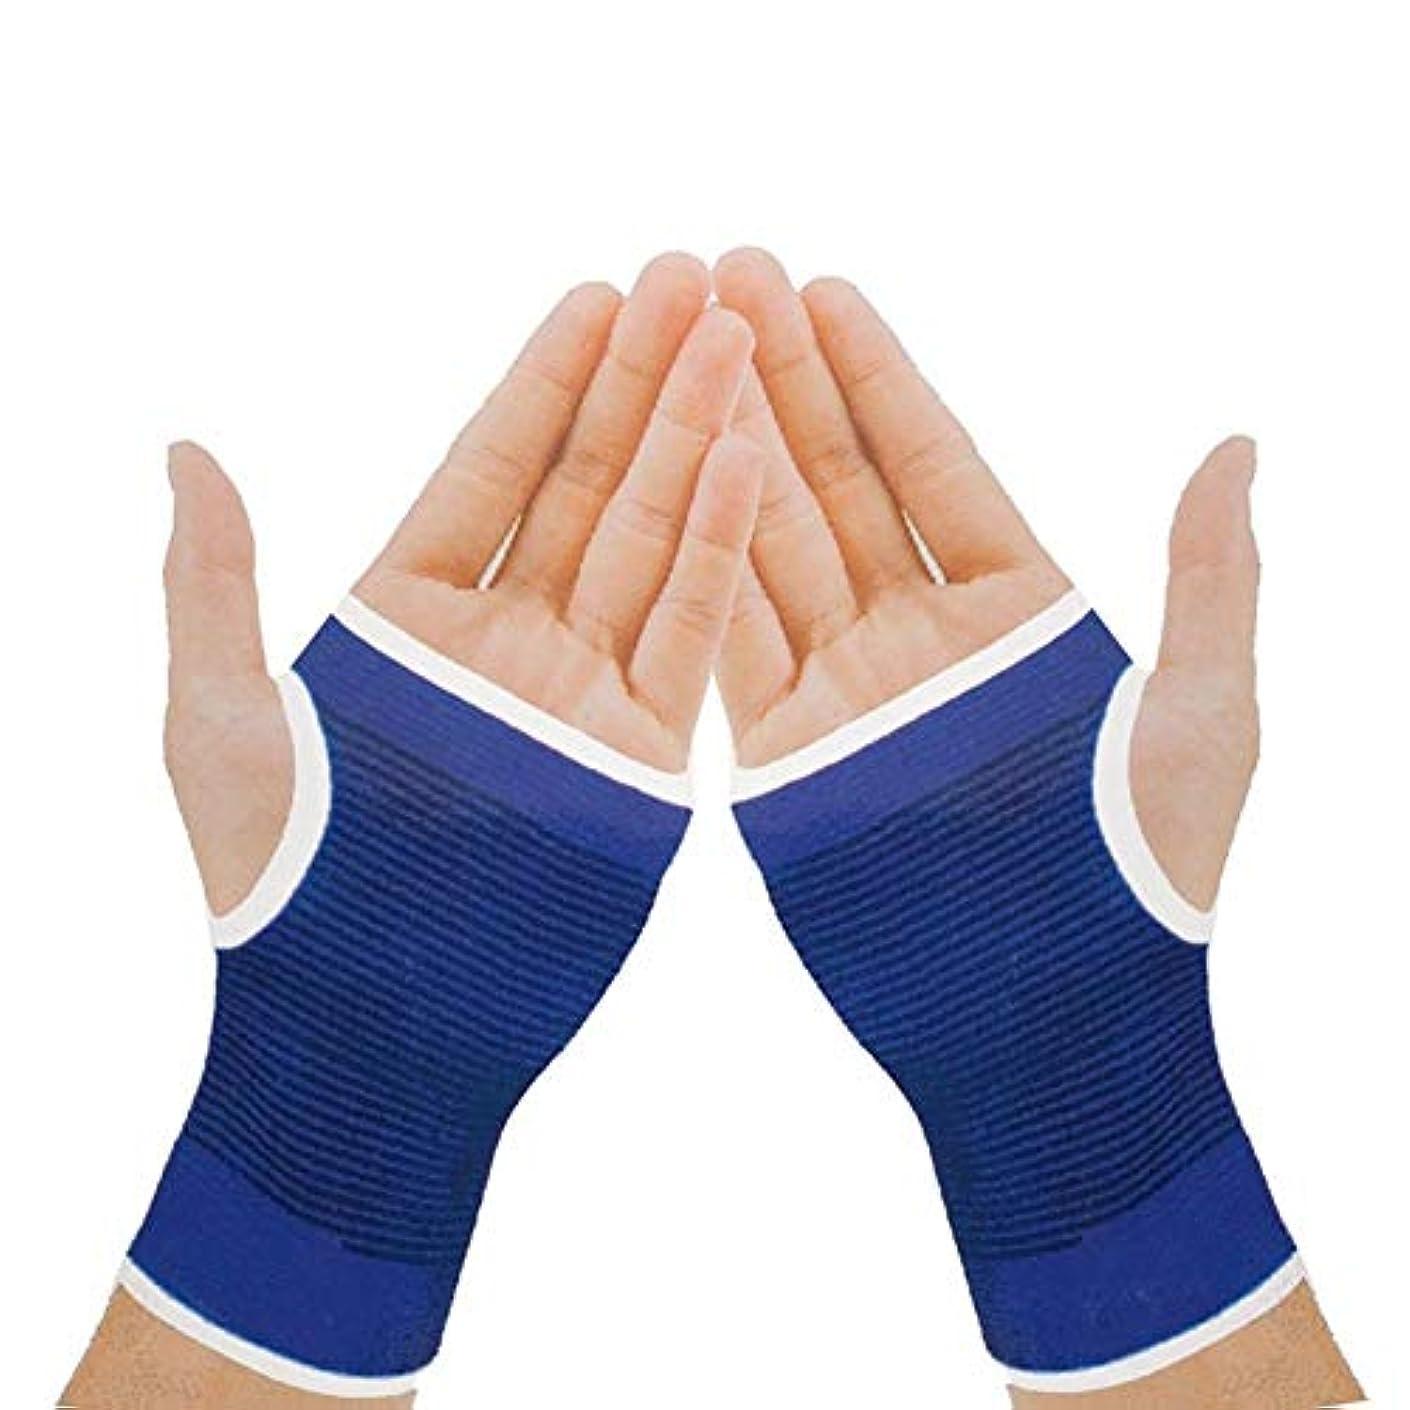 側溝状態放棄された弾性手首ハンドブレース手首グローブパーム手首ハンドサポート手袋ブレーススリーブ包帯ラップの痛みを軽減する関節の痛みジムスポーツサポート1ペア